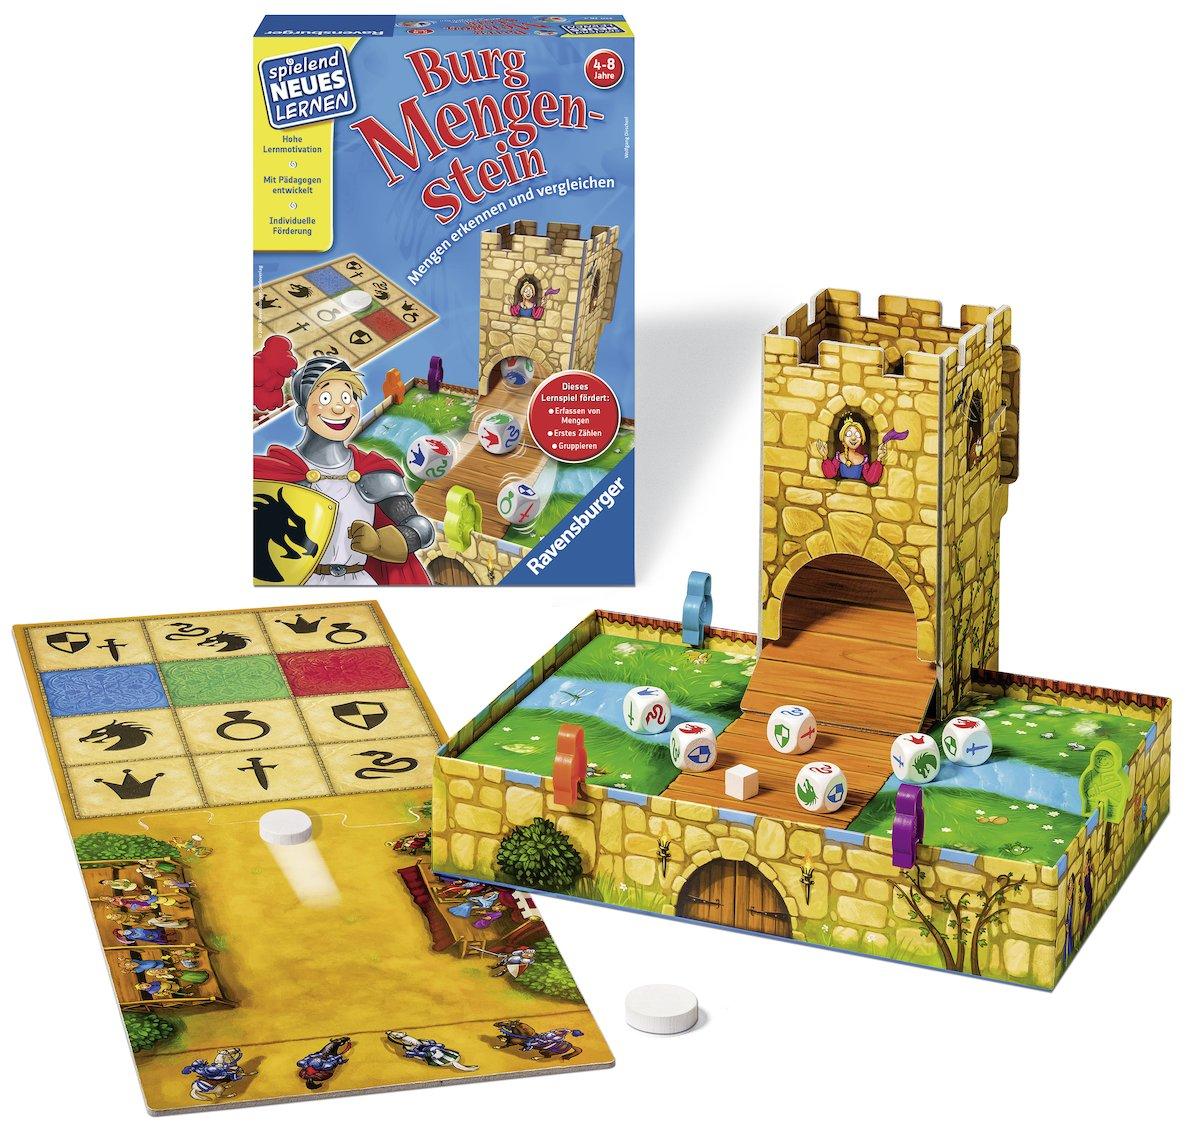 Bei uns zu Hause Spiel Deutsch 2015 Puzzles 3 erste Mix-Max-Puzzles Puzzles & Geduldspiele